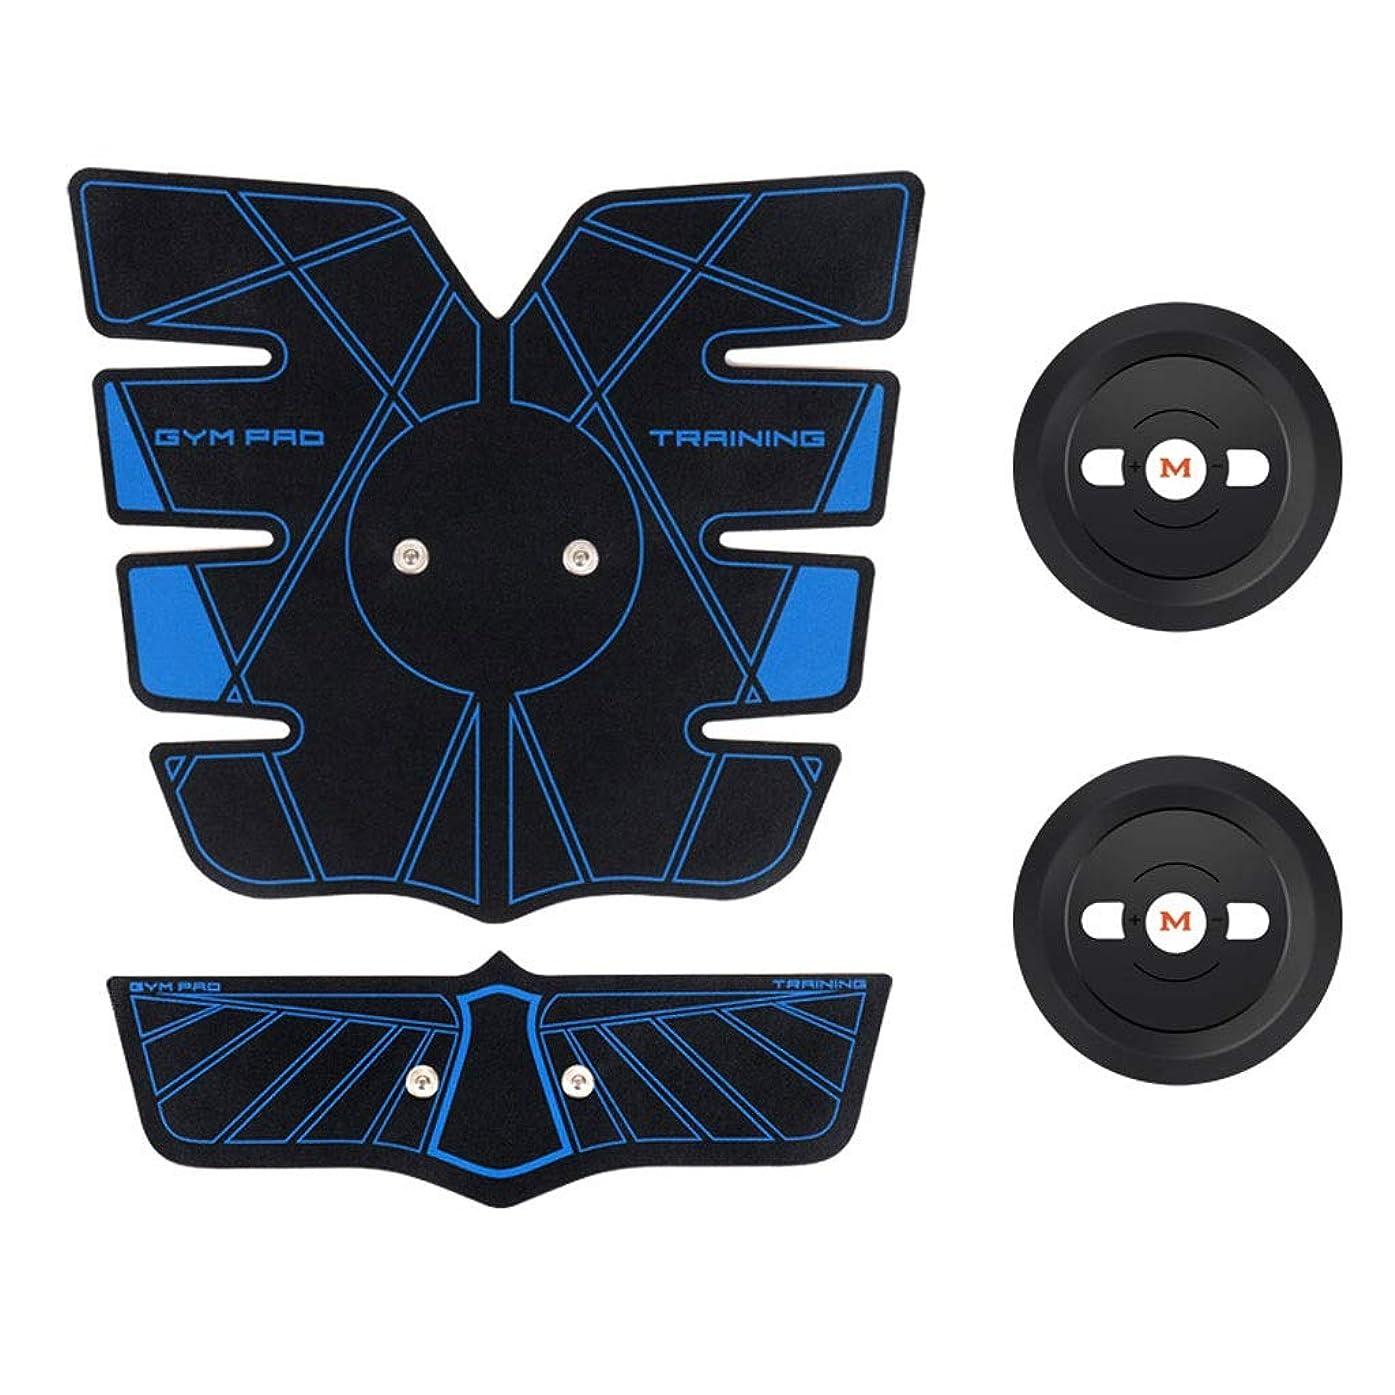 ぶら下がるシャンパンサーマル腹部筋肉トレーナーEMS腹部トレーナー筋肉刺激装置アブトーニングベルトウエストトレーナー腹サポートベルトジムトレーニングエクササイズマシンホームフィットネス (Color : Blue, Size : C)